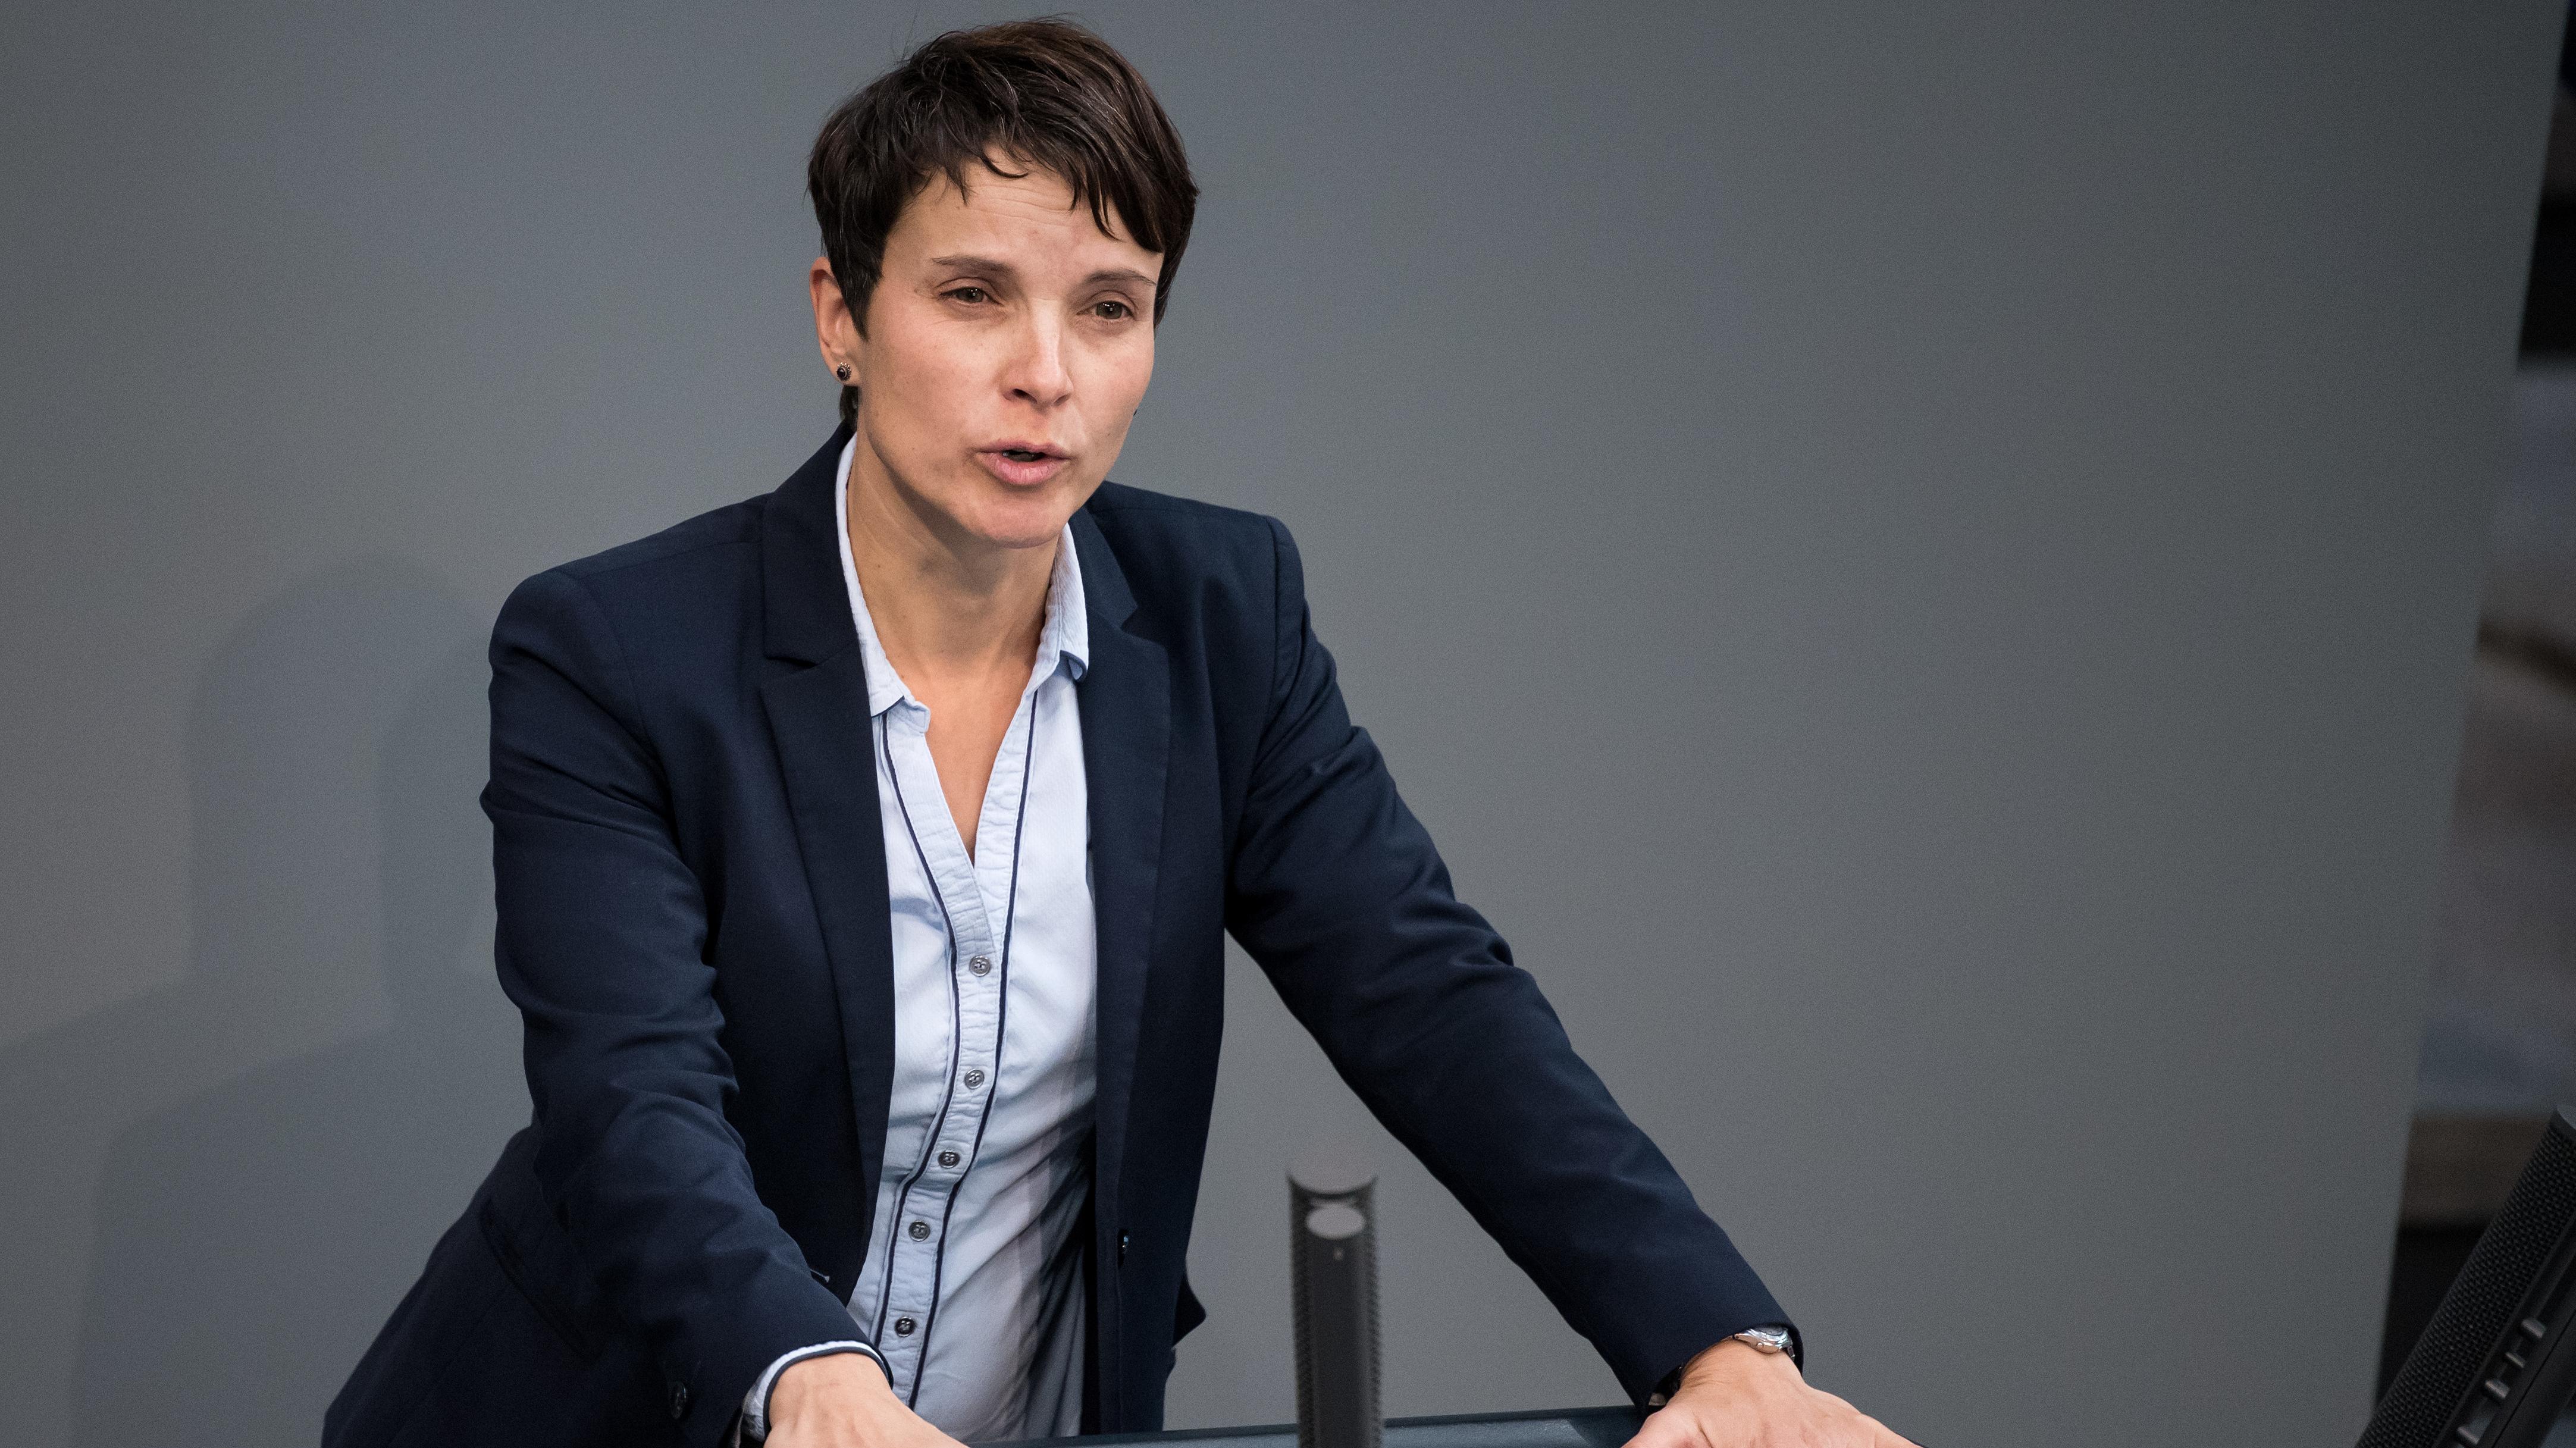 8. November 2018: Frauke Petry spricht während der Plenarsitzung im Deutschen Bundestag.